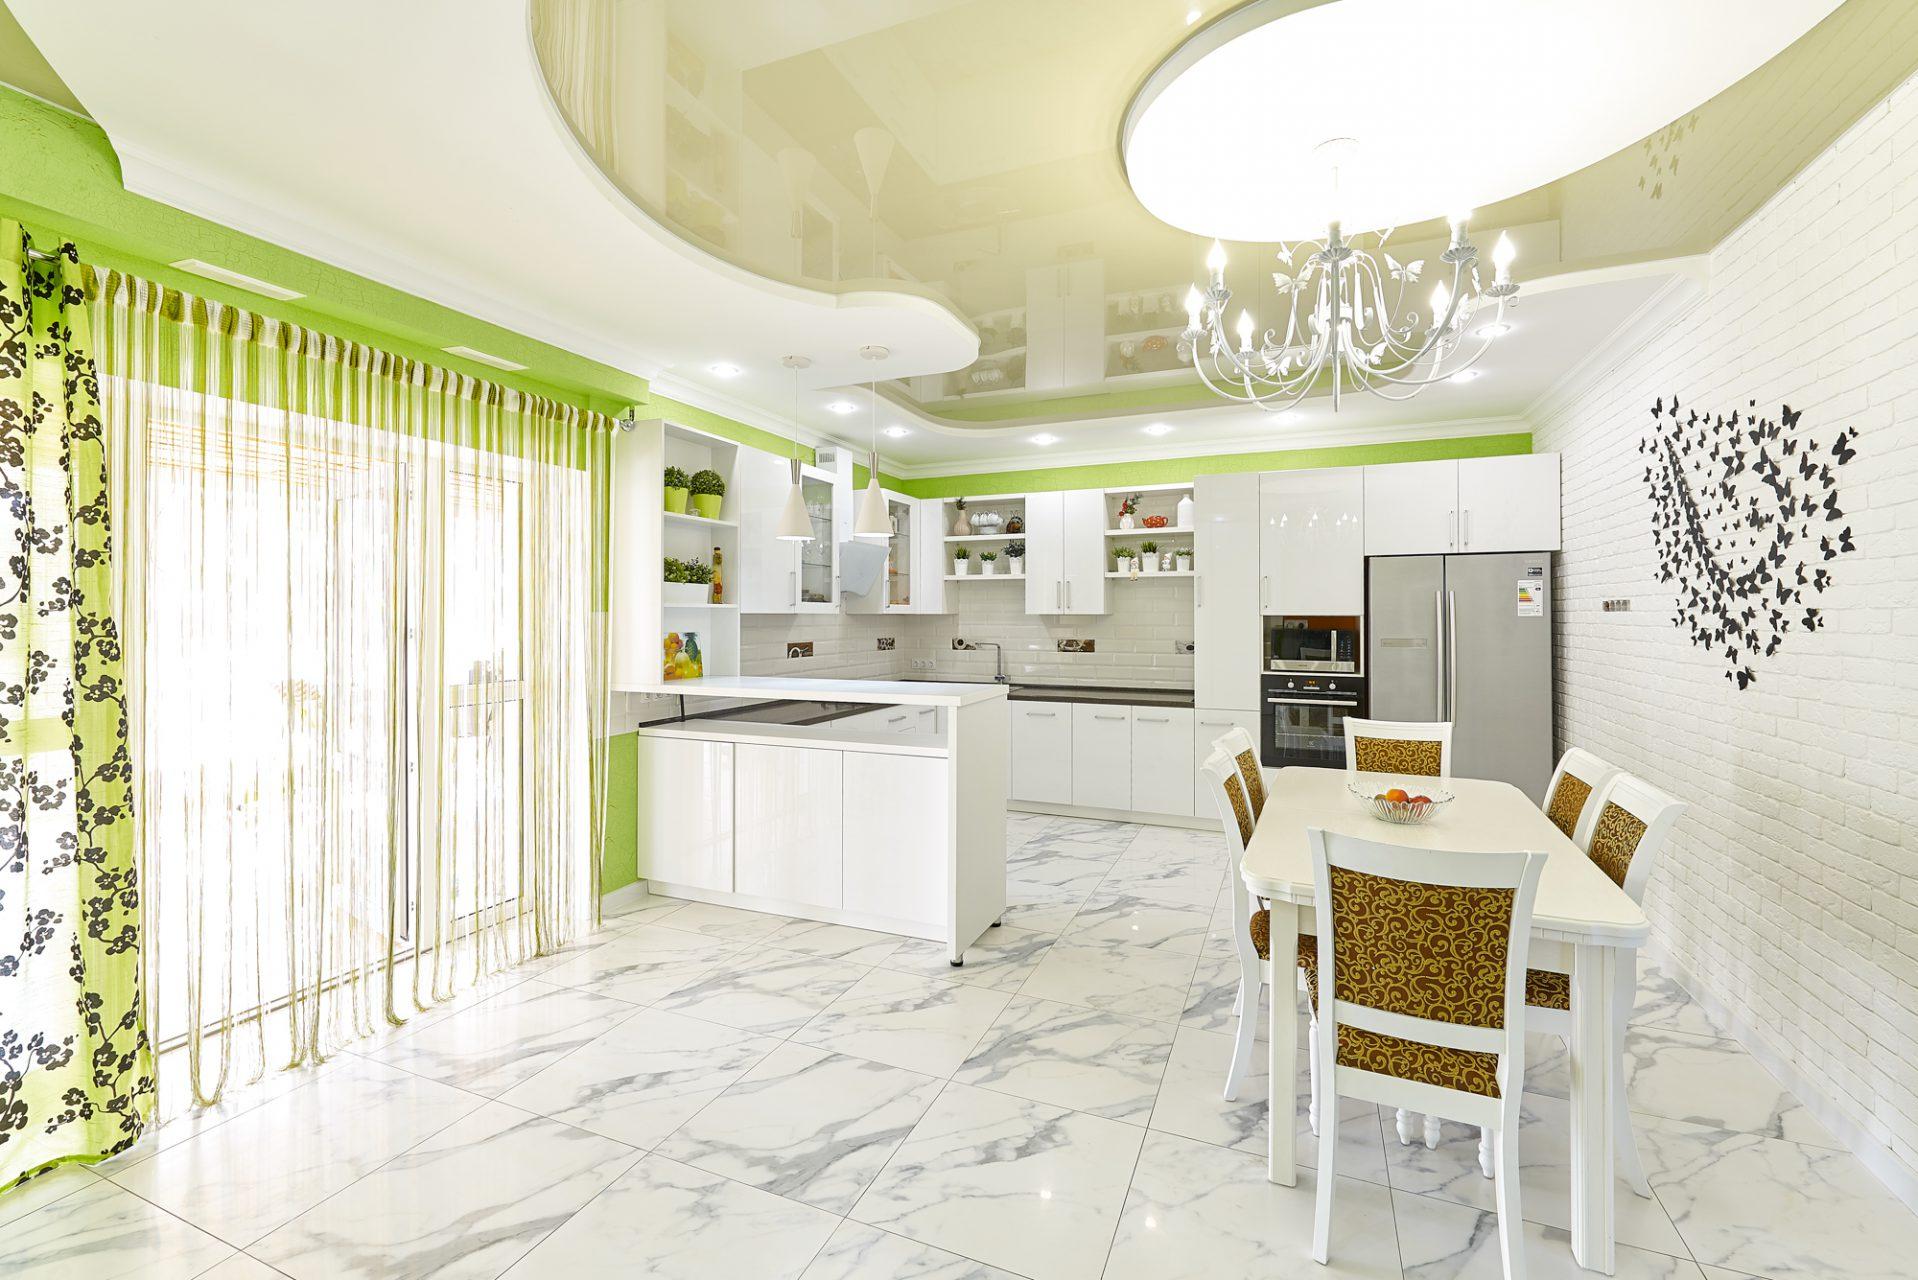 001_interior_kitchen1_korneychikeu